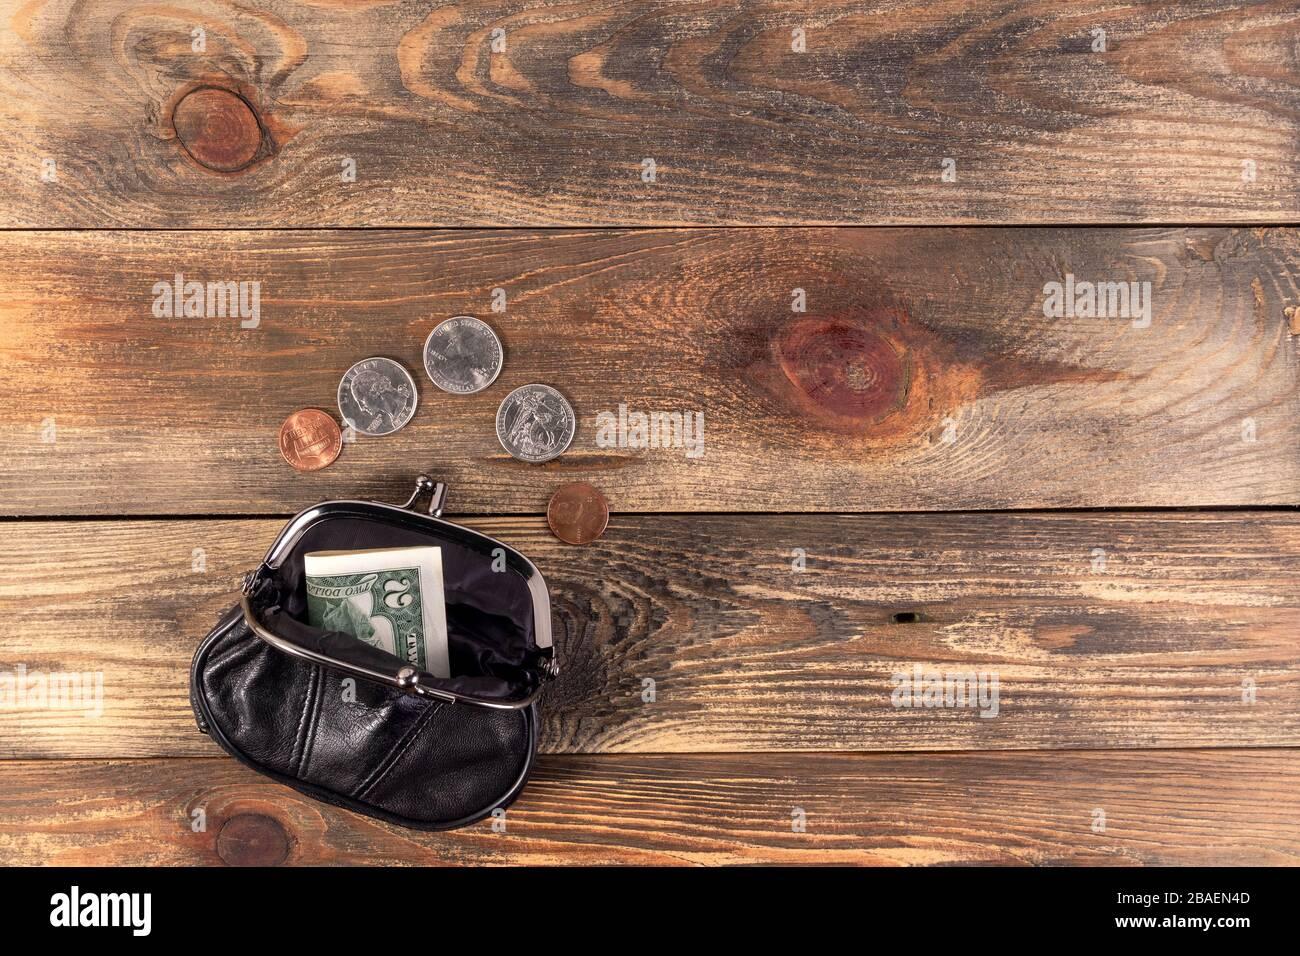 Cartera de bolsillo de cuero negro abierto con monedas de un céntimo, un cuarto de dólar y un billete de 2 dólares cerca. Crisis financiera, pobreza, falta de dinero. Sobre madera b Foto de stock